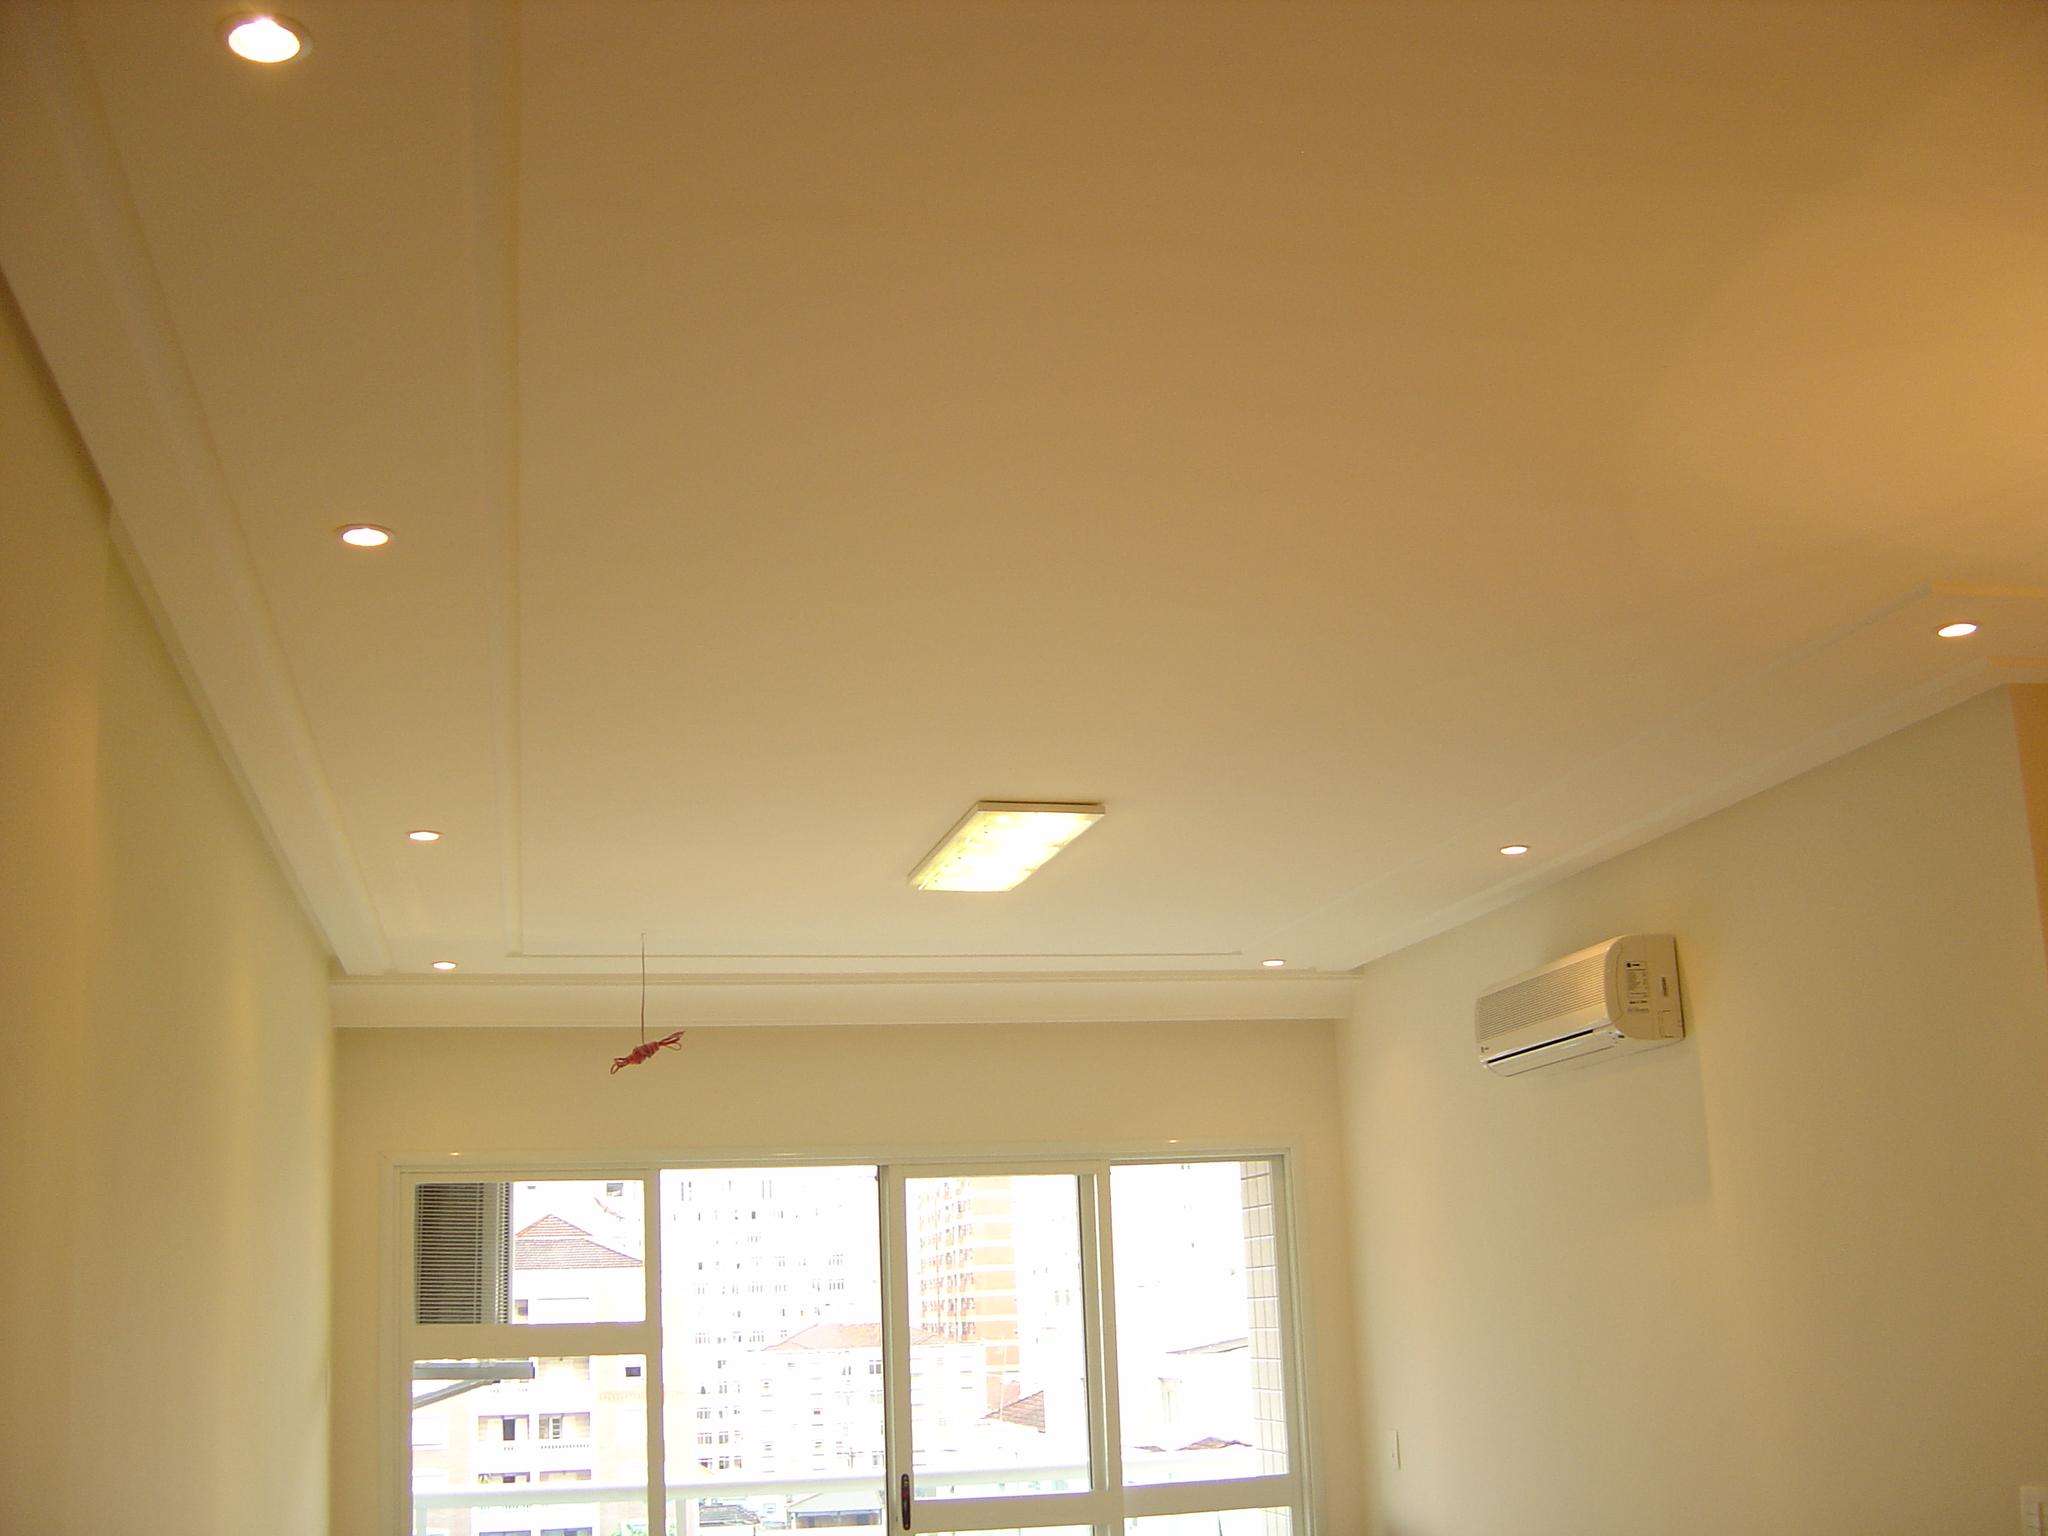 fotos de decoracao de interiores em gesso : fotos de decoracao de interiores em gesso:Projeto de gesso e iluminação residencial II